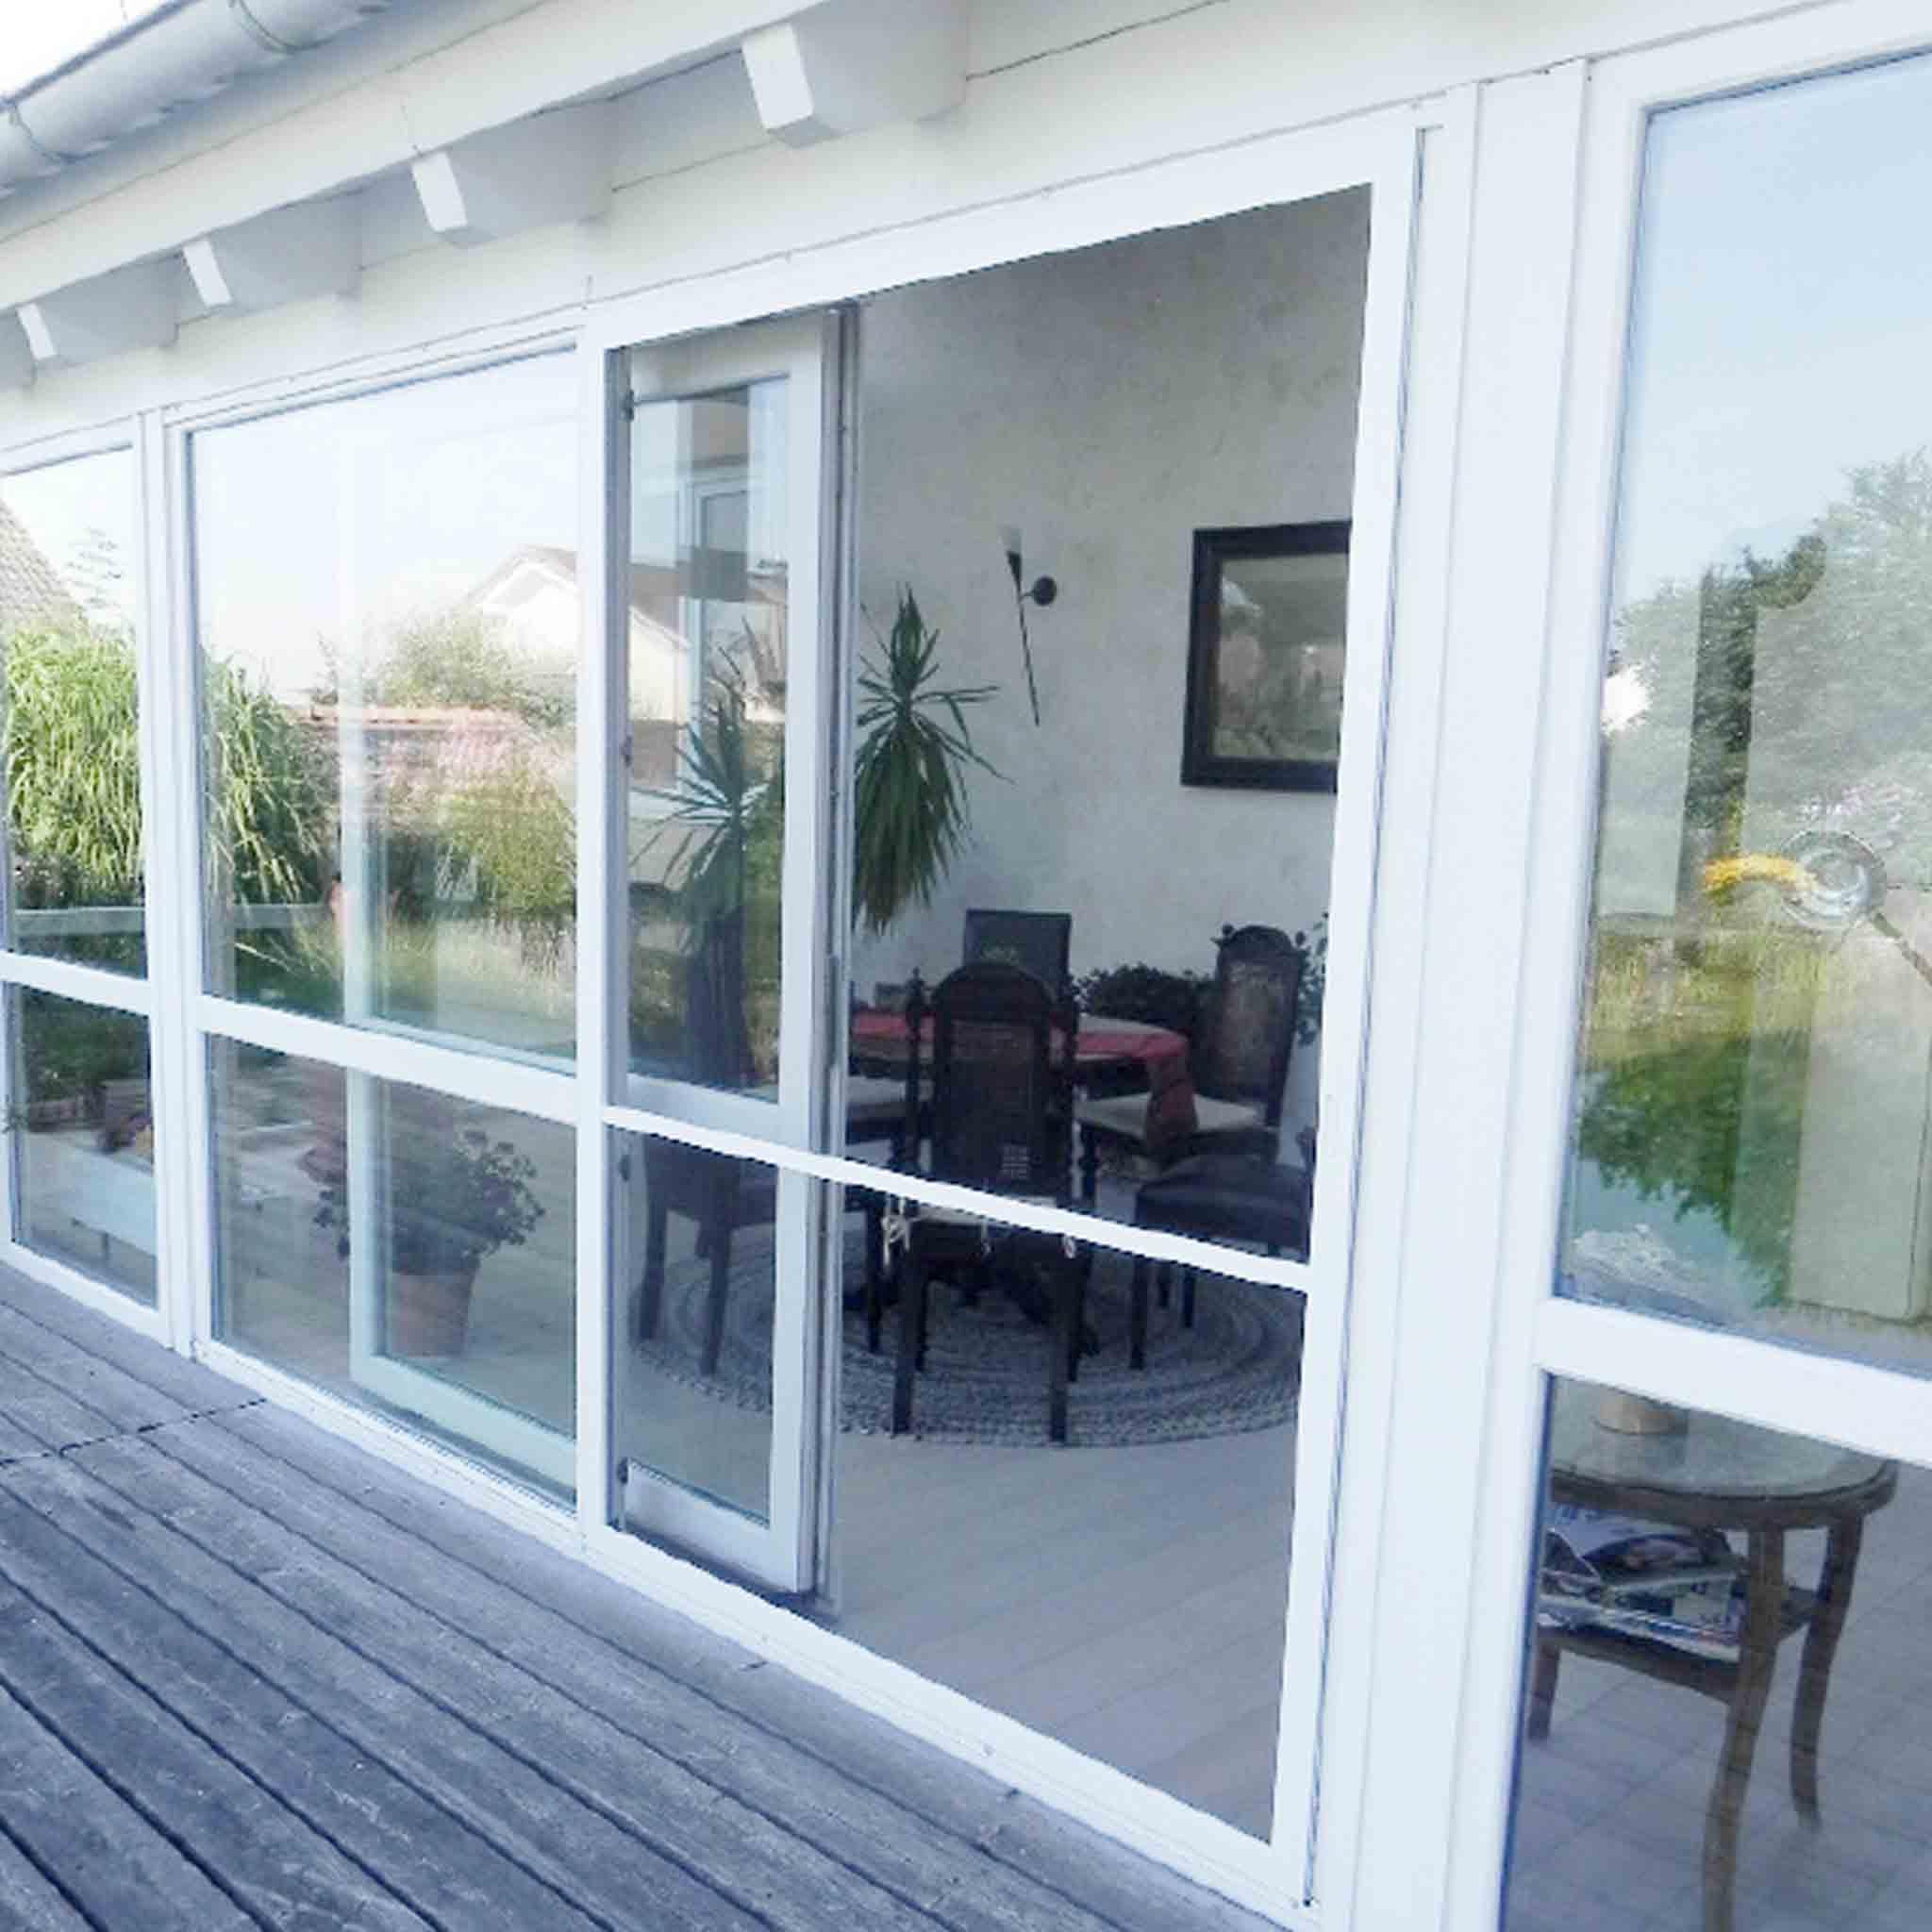 Mosquiteros ambienta ventanas puertas mamparas sistema for Mosquiteros de aluminio